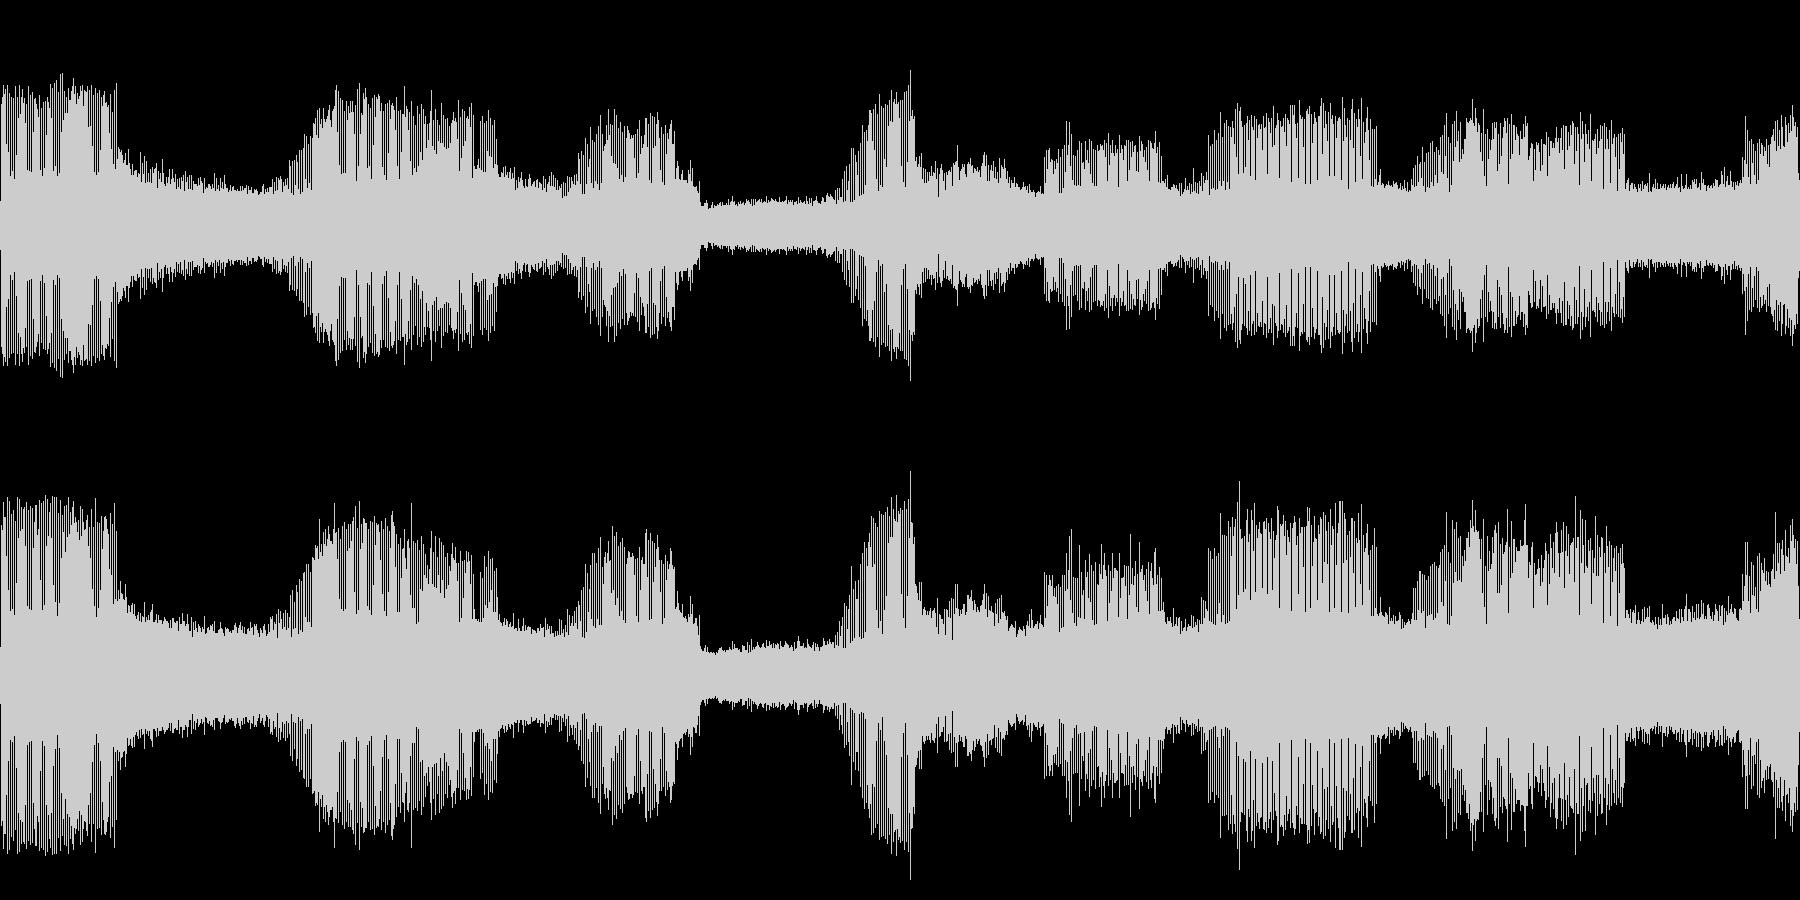 クマゼミの鳴き声(関東以南に多いセミ)の未再生の波形